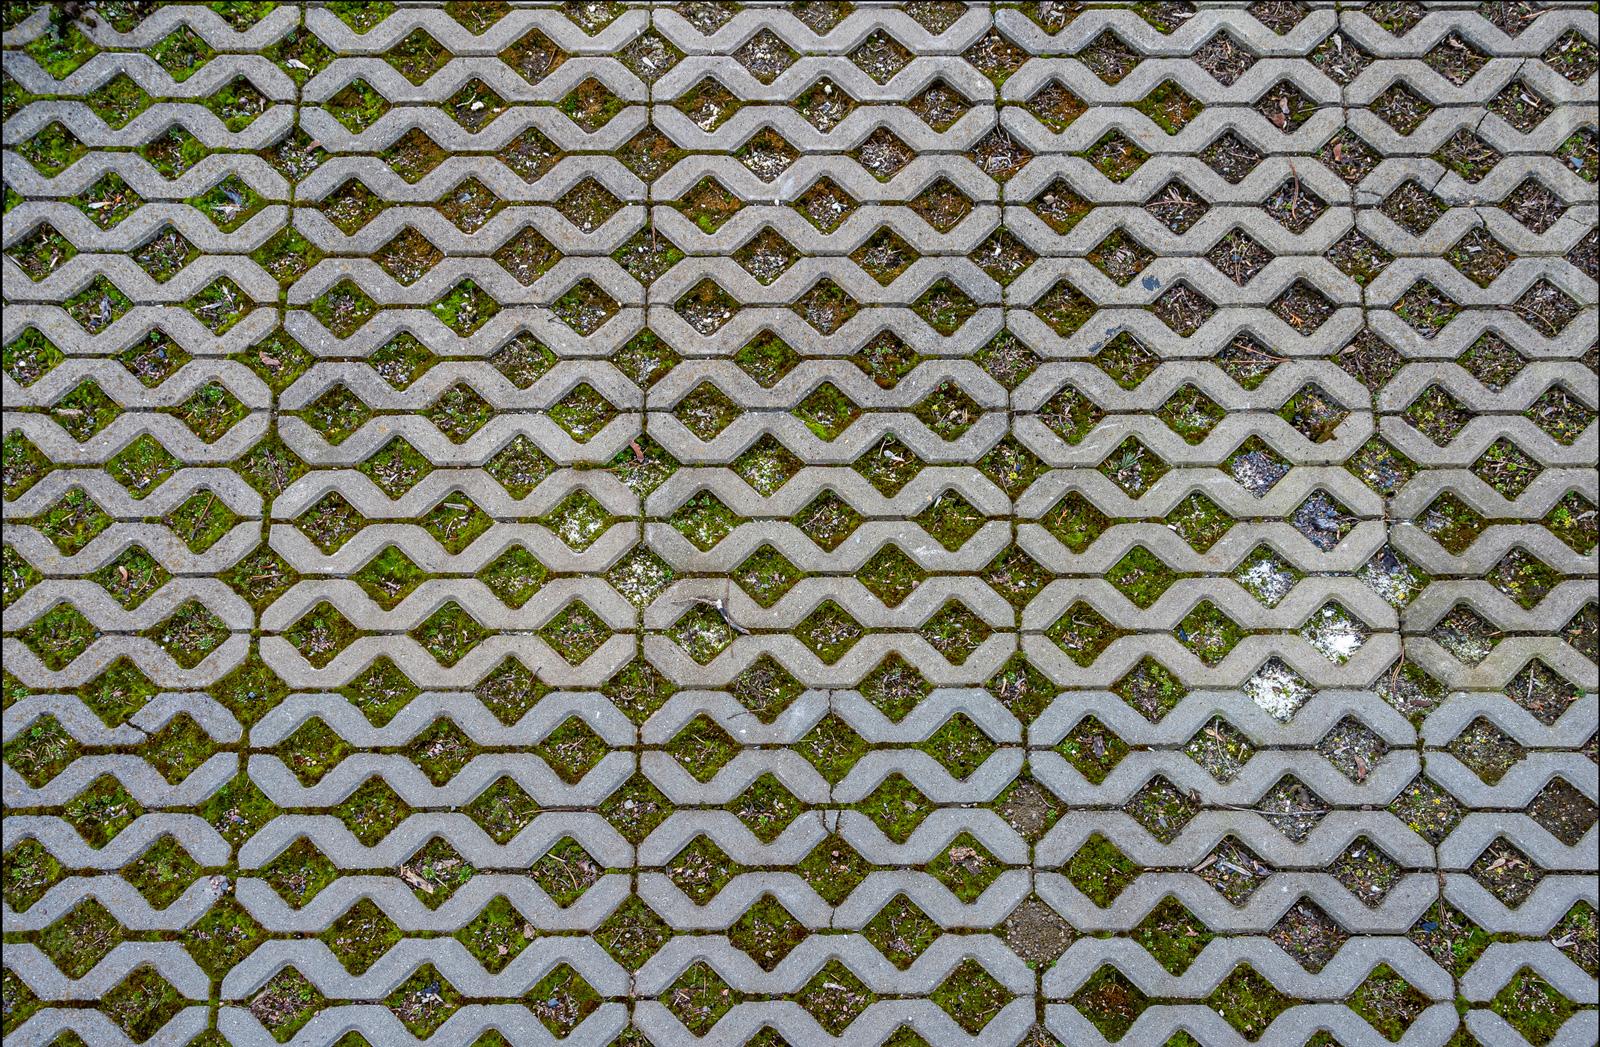 Rasengittersteine: dekorative Muster mit einem Hauch von Grün